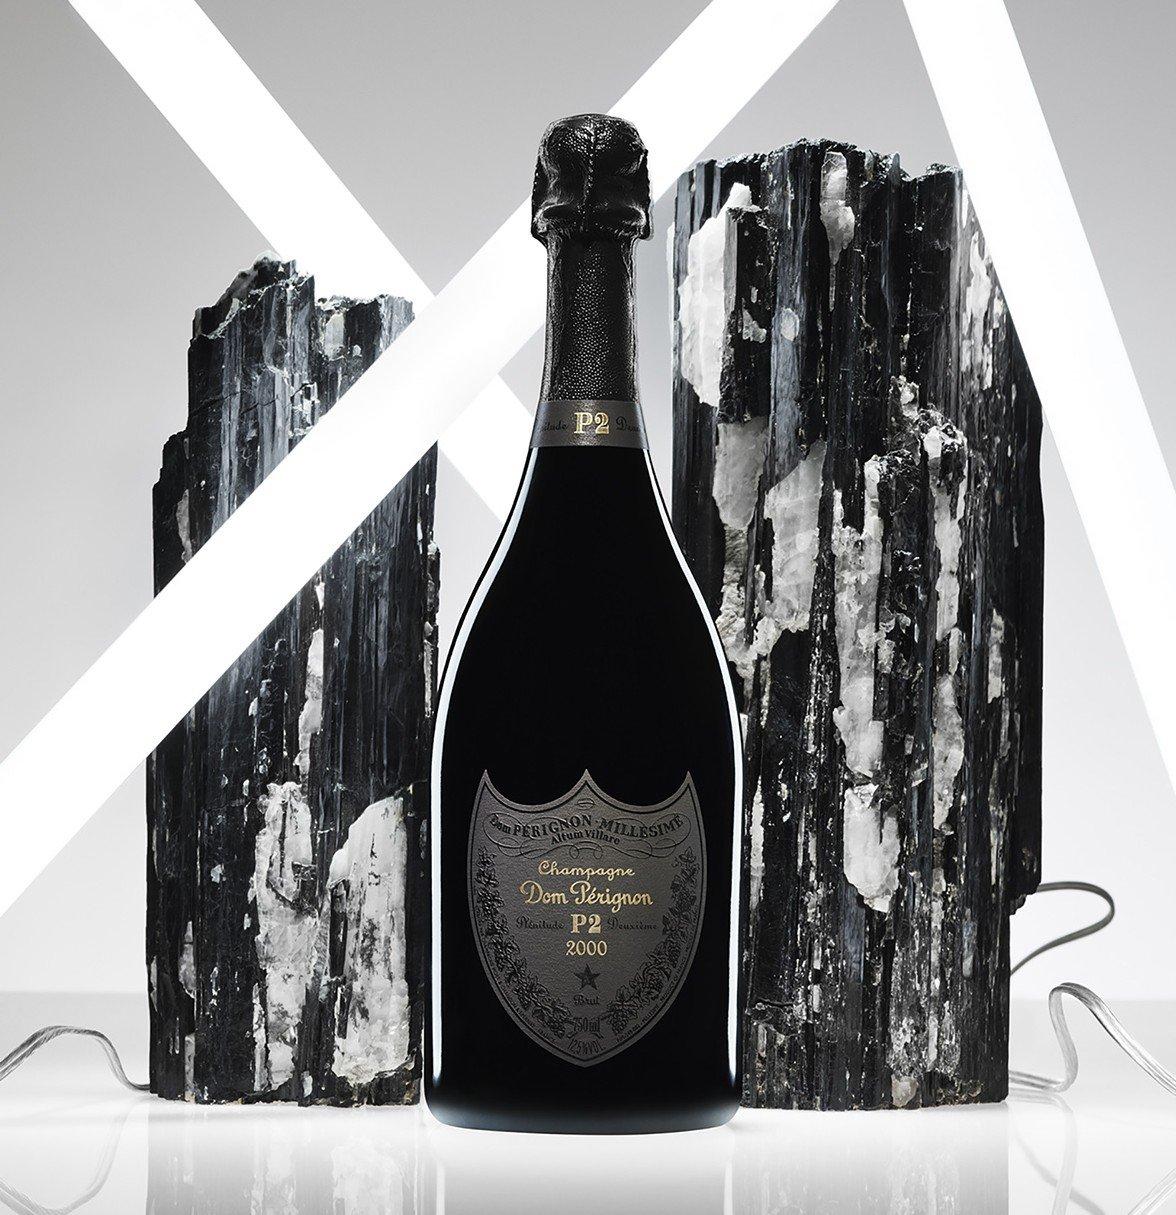 Dom Pérignon P2 2000, el buqué perfecto para cualquier celebración